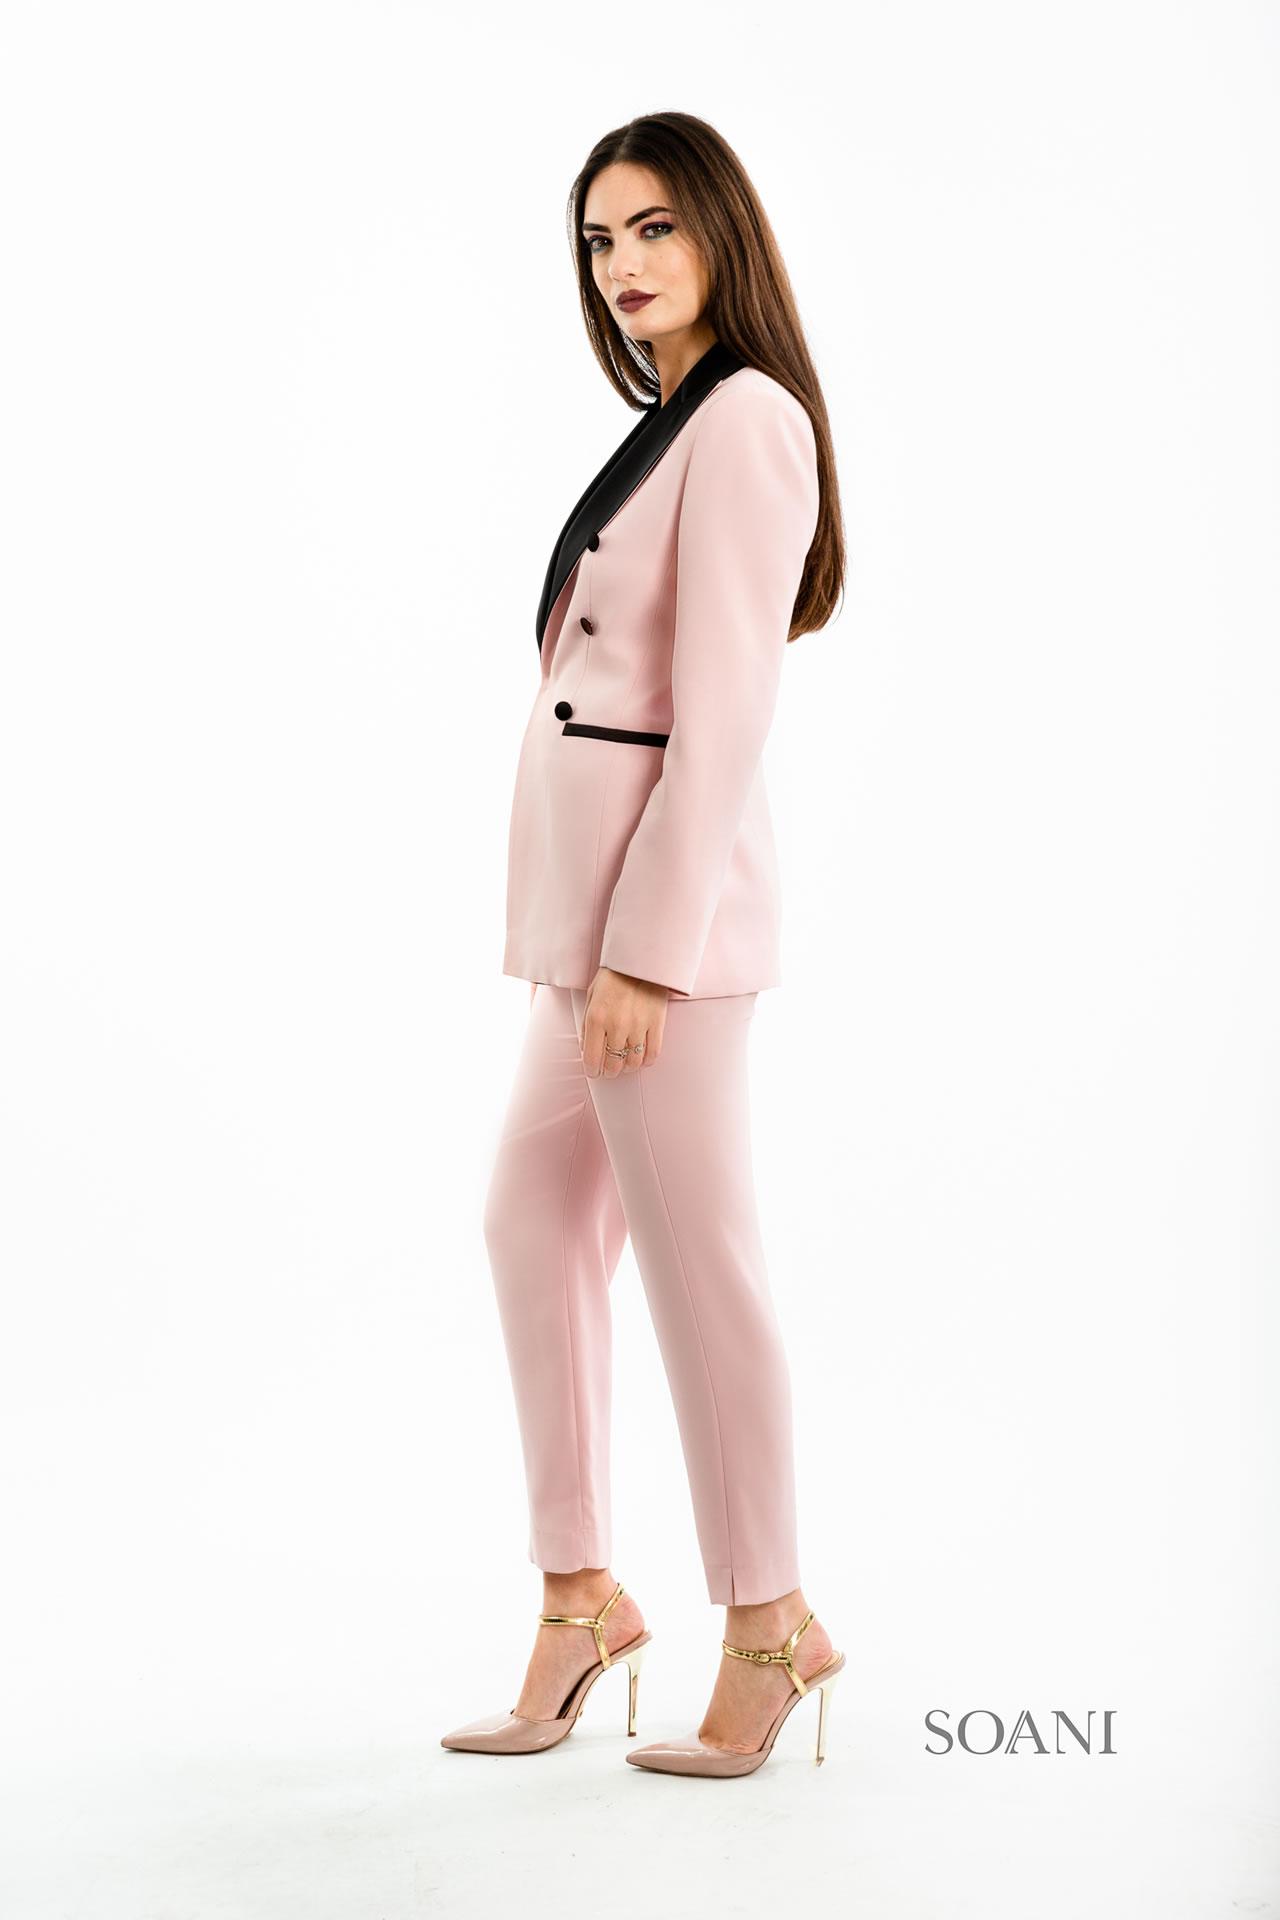 402102 - Giacca + Pantalone